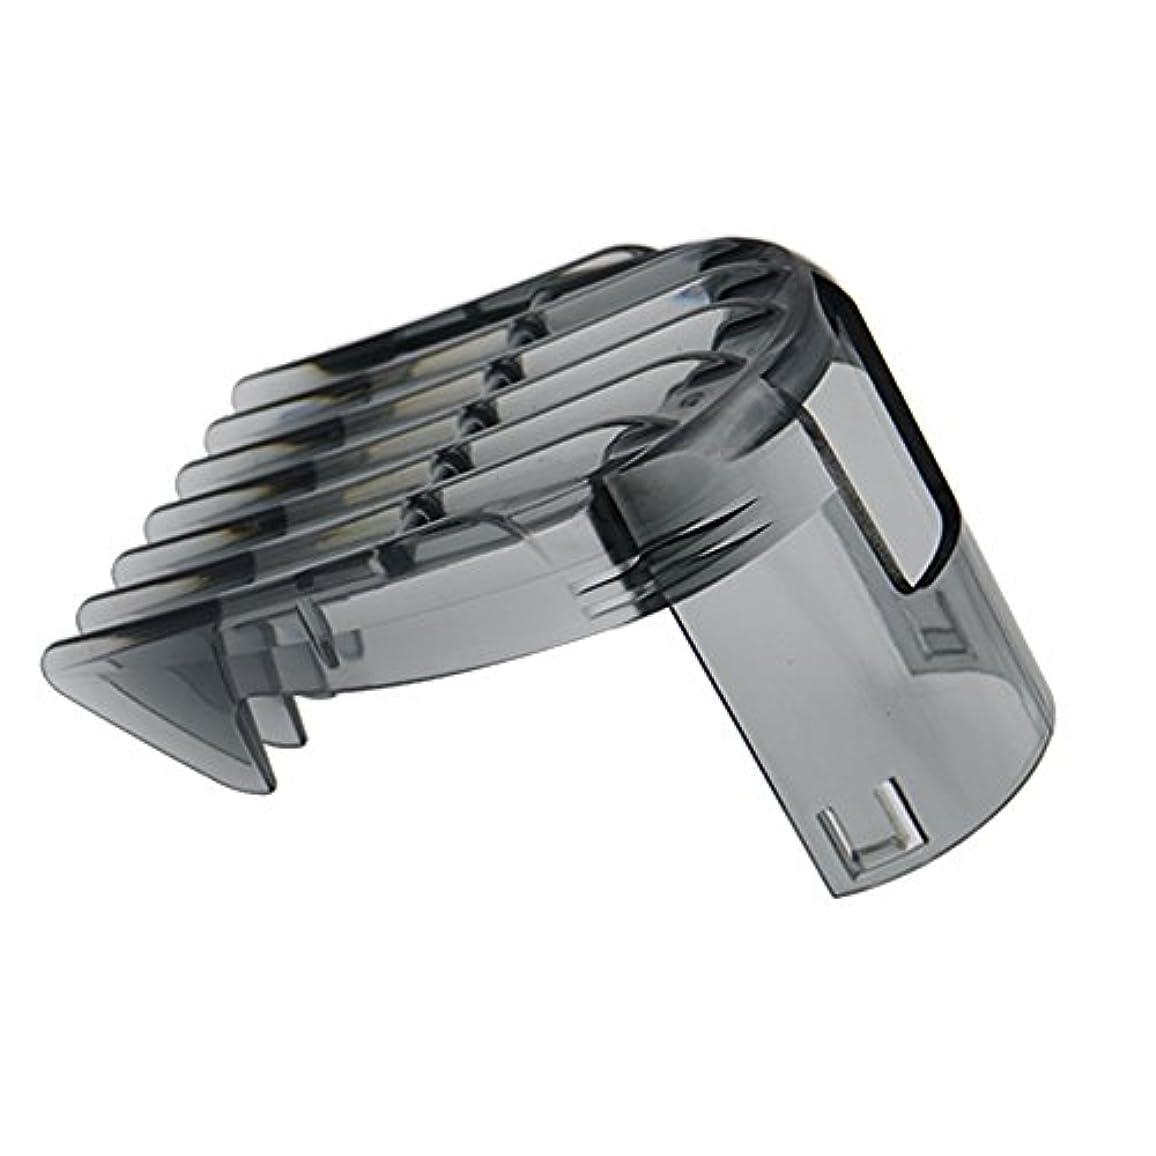 肉腫せせらぎ虎電動バリカン 交換部品 適用 フィリップス バリカン QC5510 QC5530 QC5550 QC5560 QC5570 QC5580のための3-15mmのバリカンのくしのアタッチメントのクリッパー 髪の櫛カット3-15...